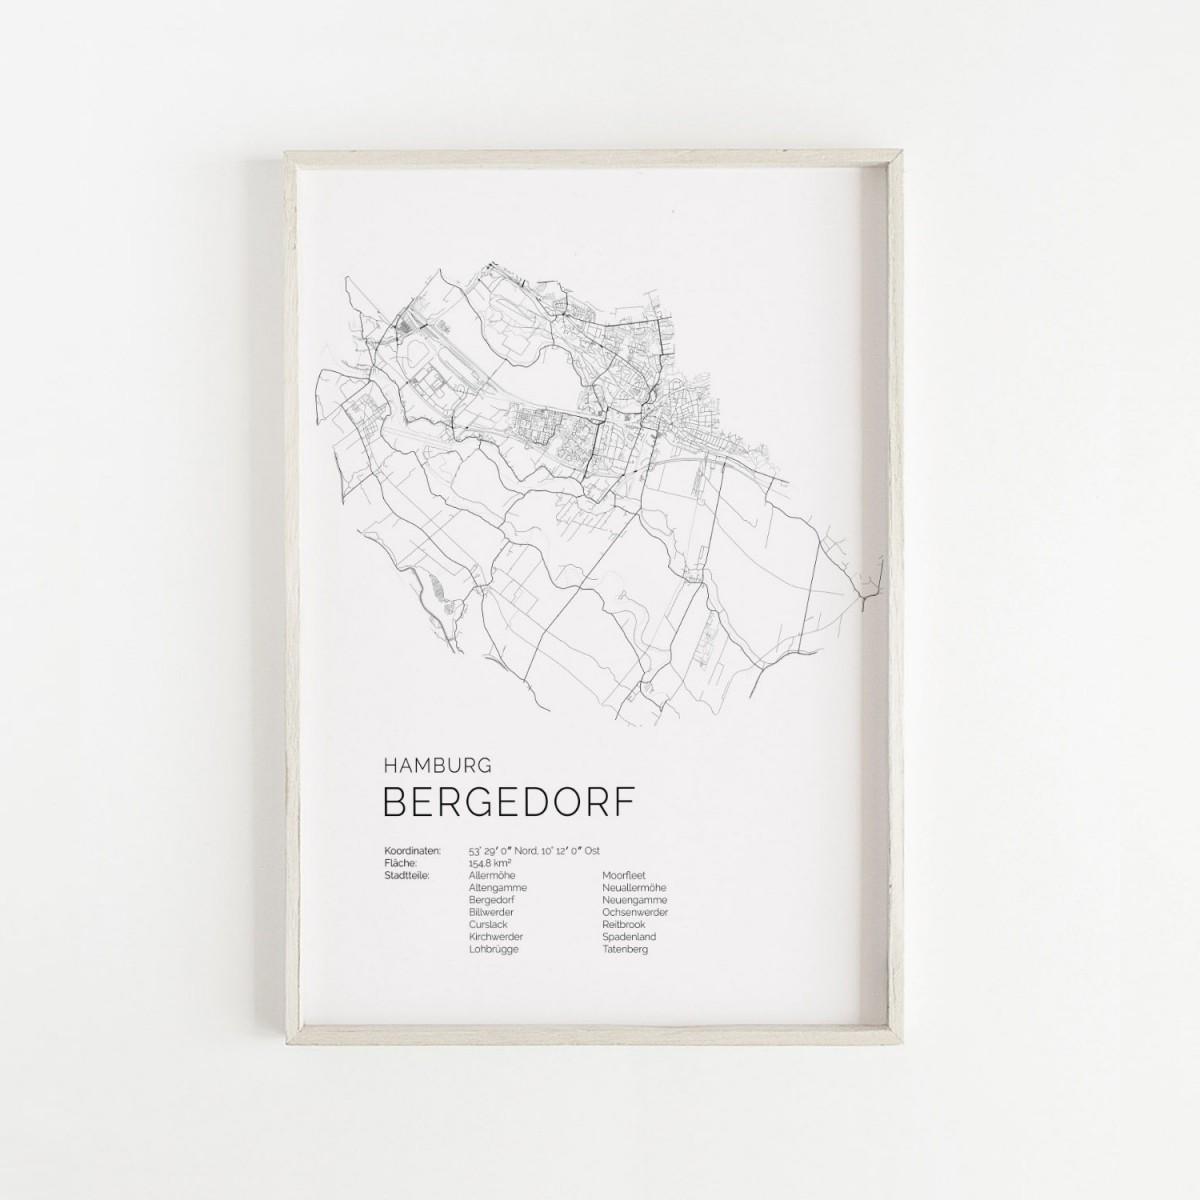 Hamburg Bergedorf Karte als hochwertiger Print - Posterdruck im skandinavischen Stil von Skanemarie